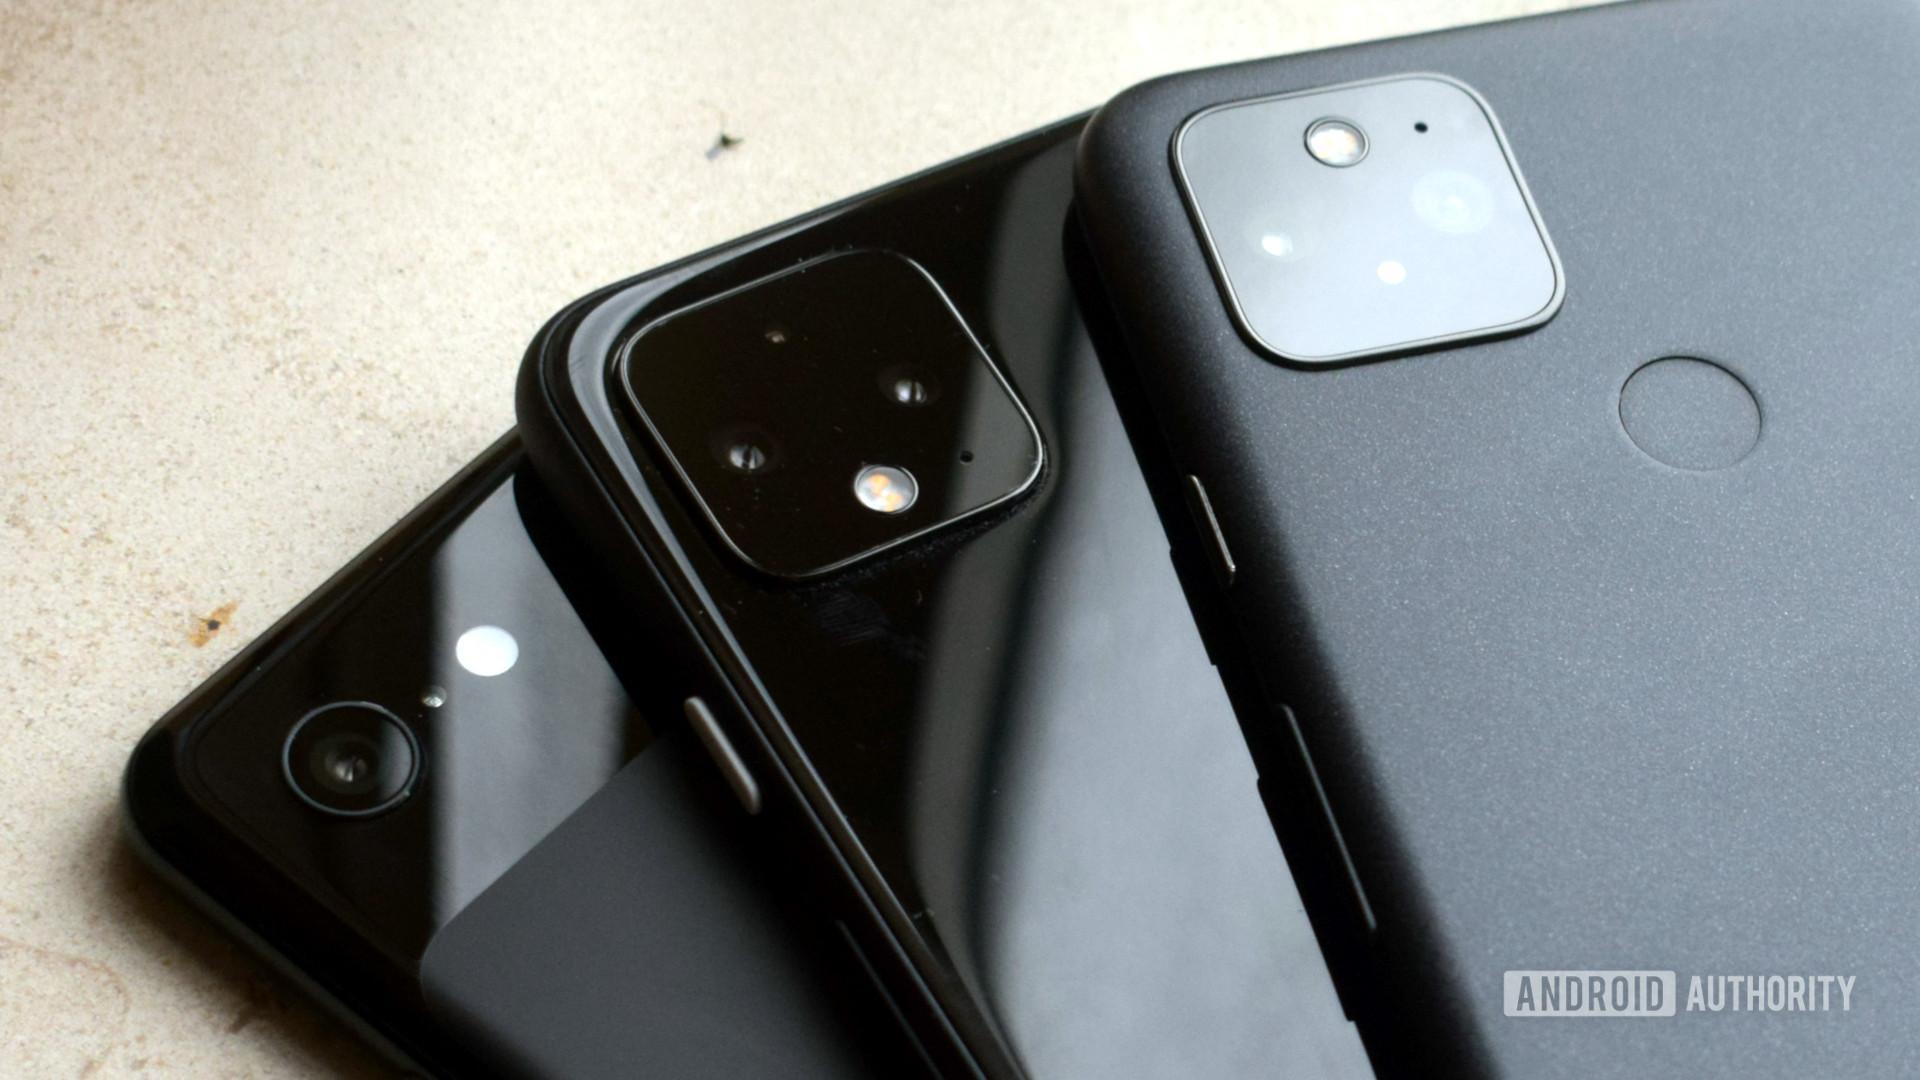 Google Pixel 5 Pixel 4 Pixel 3 cameras close